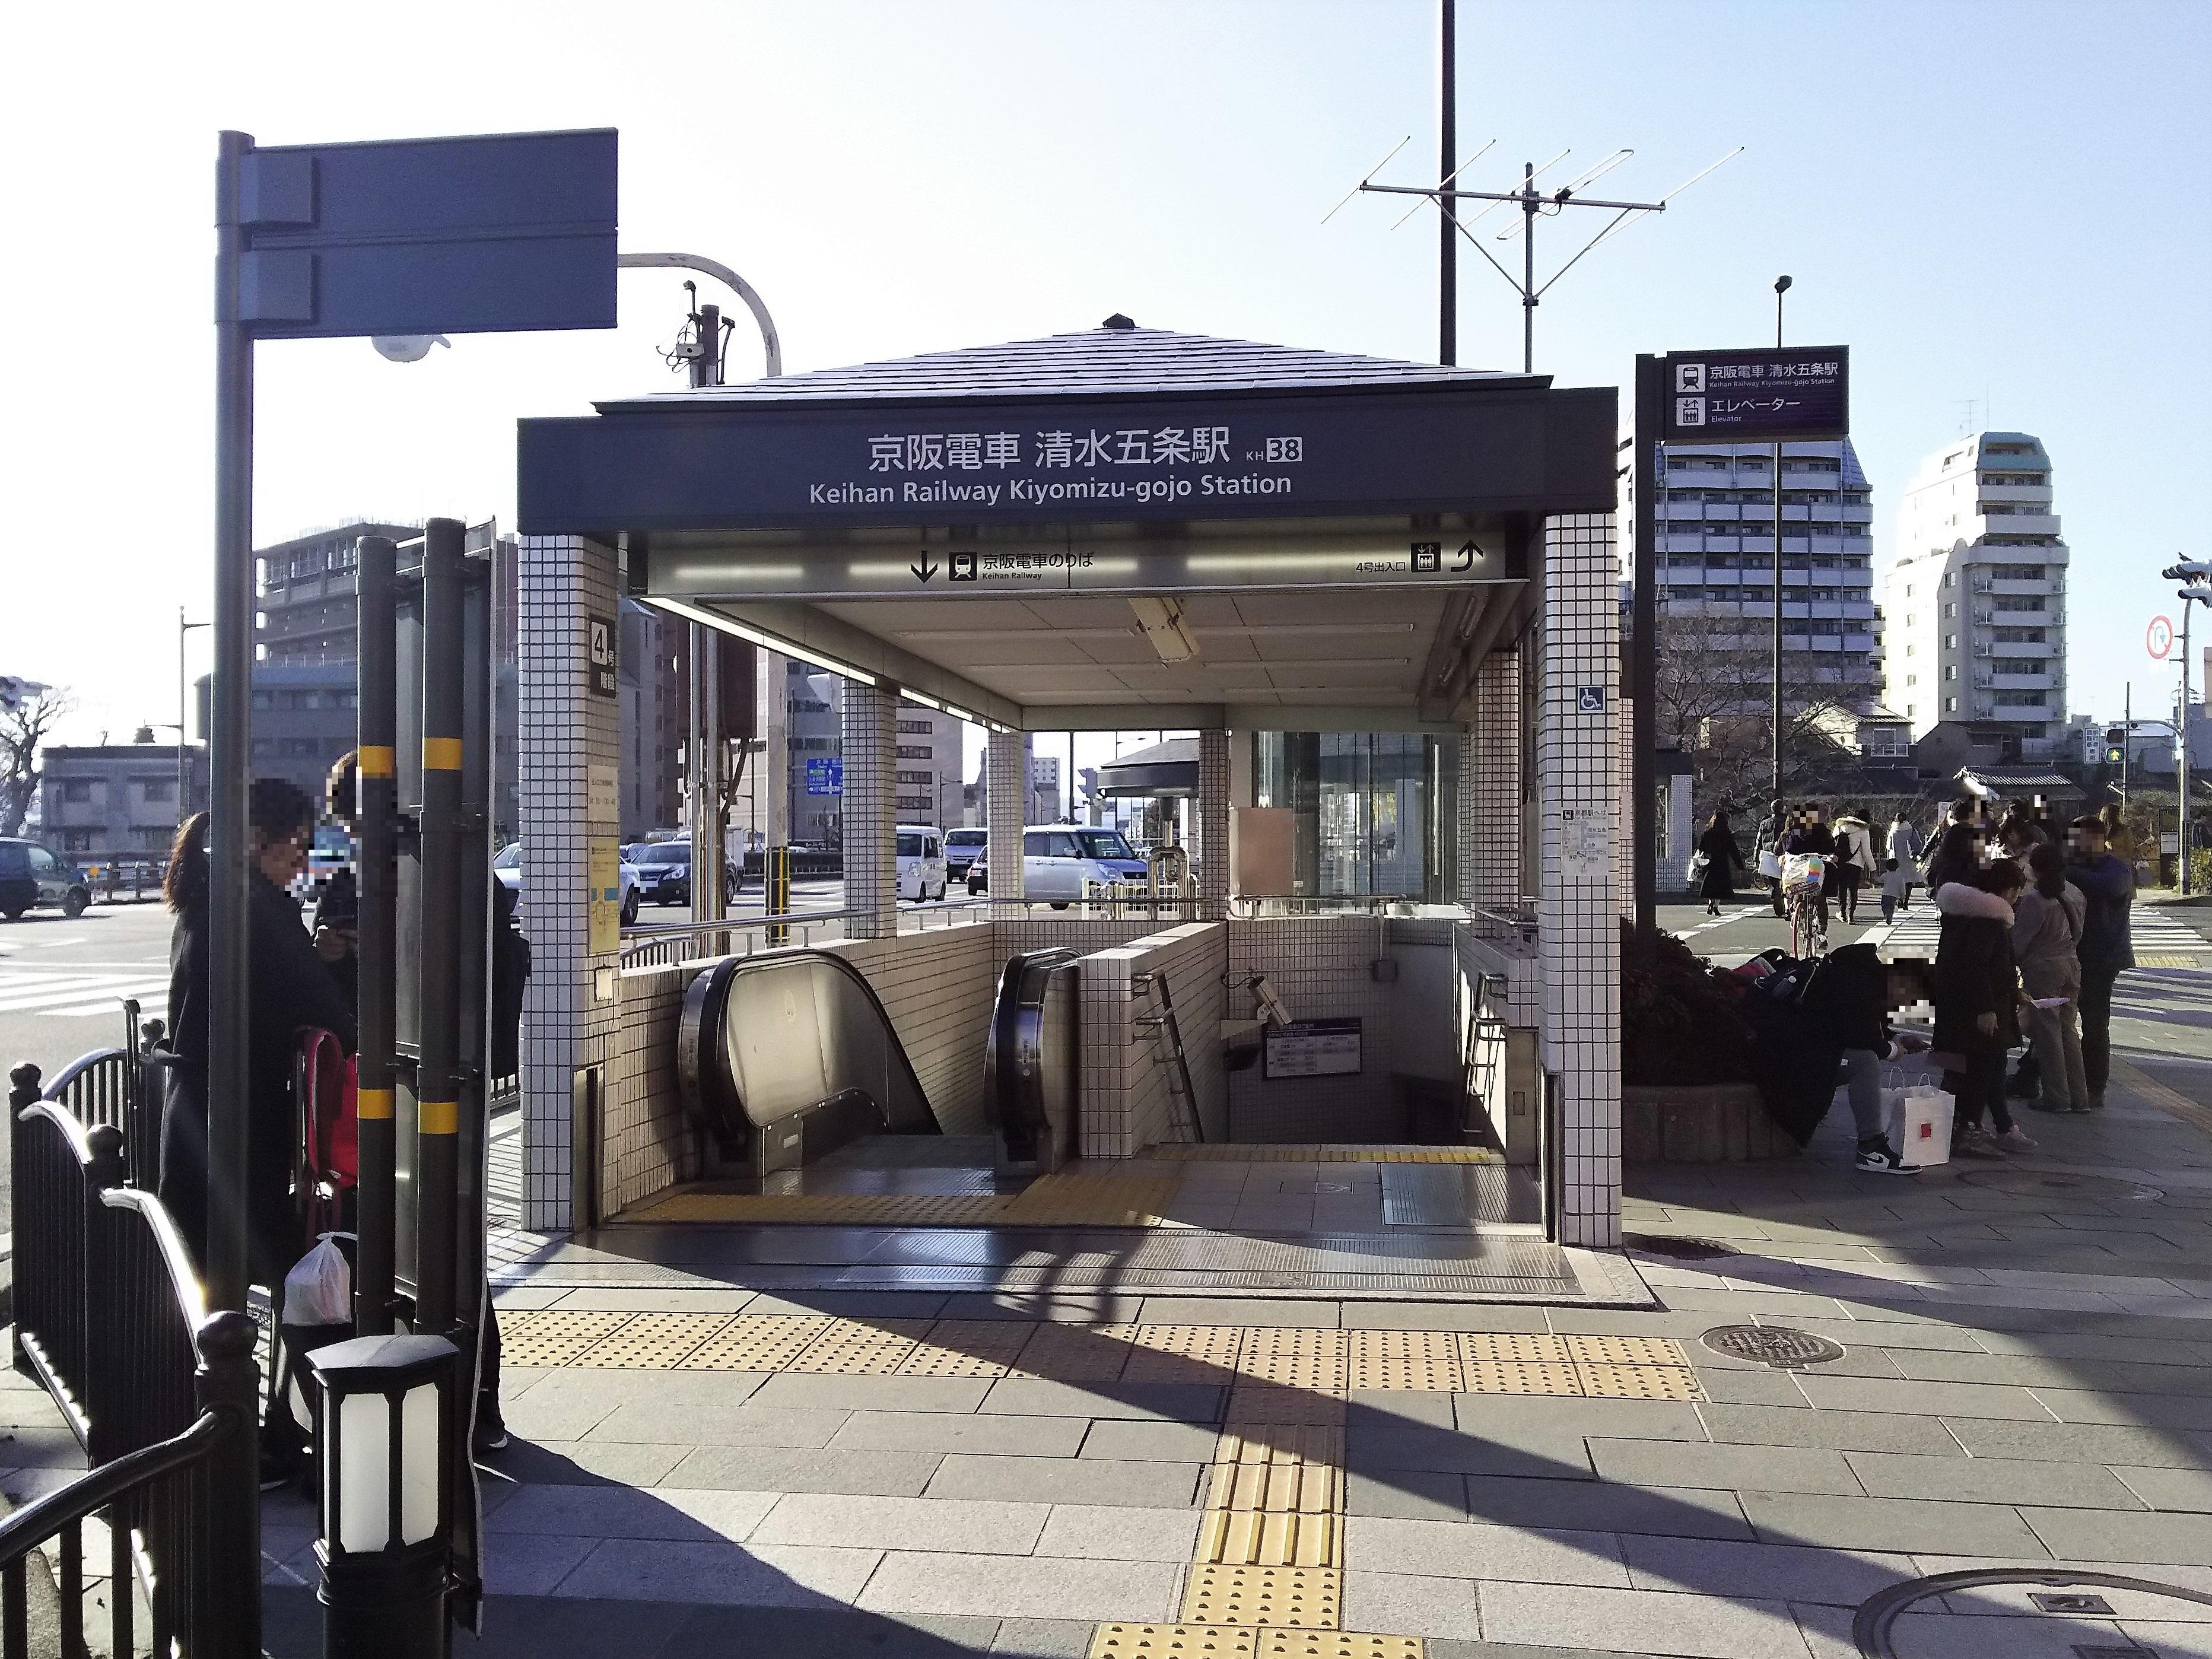 Keihan Kiyomizu-Gojo Station